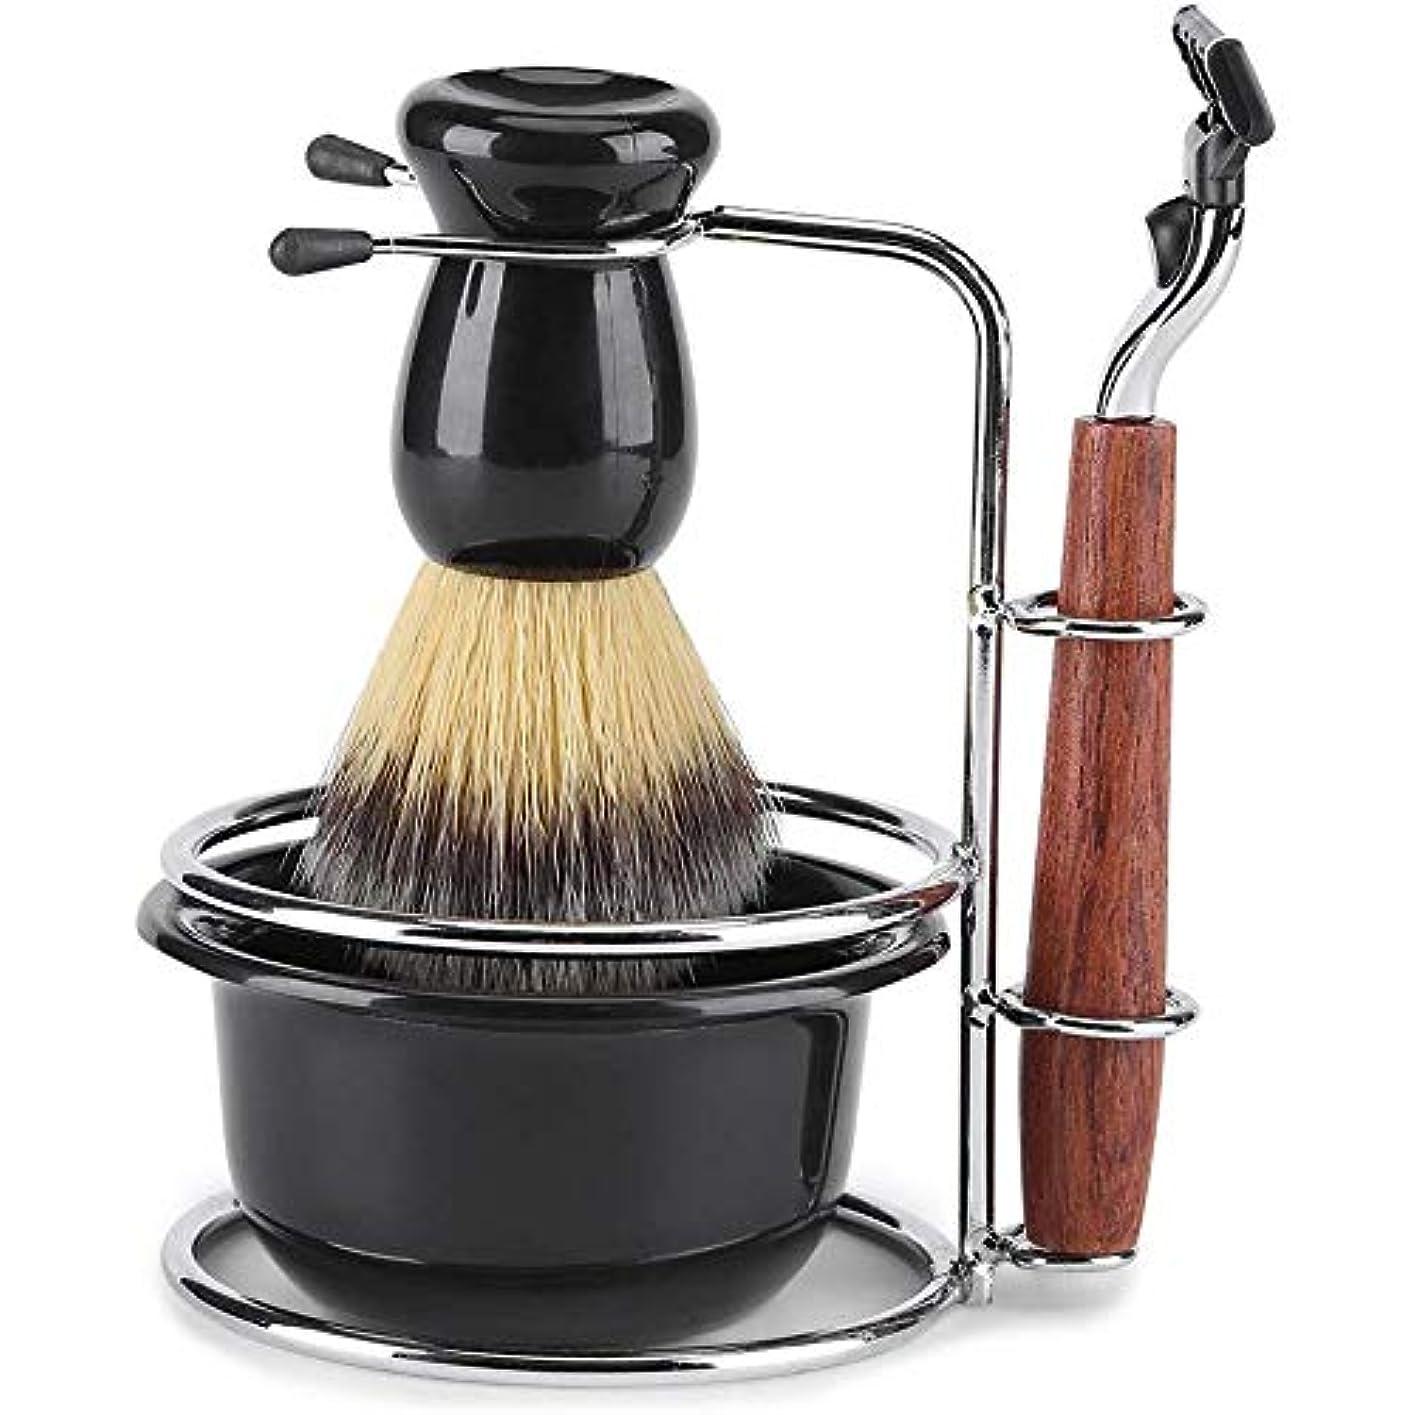 確立します割り当てます大胆4セットシェービングブラシセットプラシスタンド 石鹸ボウル父の日プレゼント ひげブラシ シェービングブラシ 洗顔 髭剃り